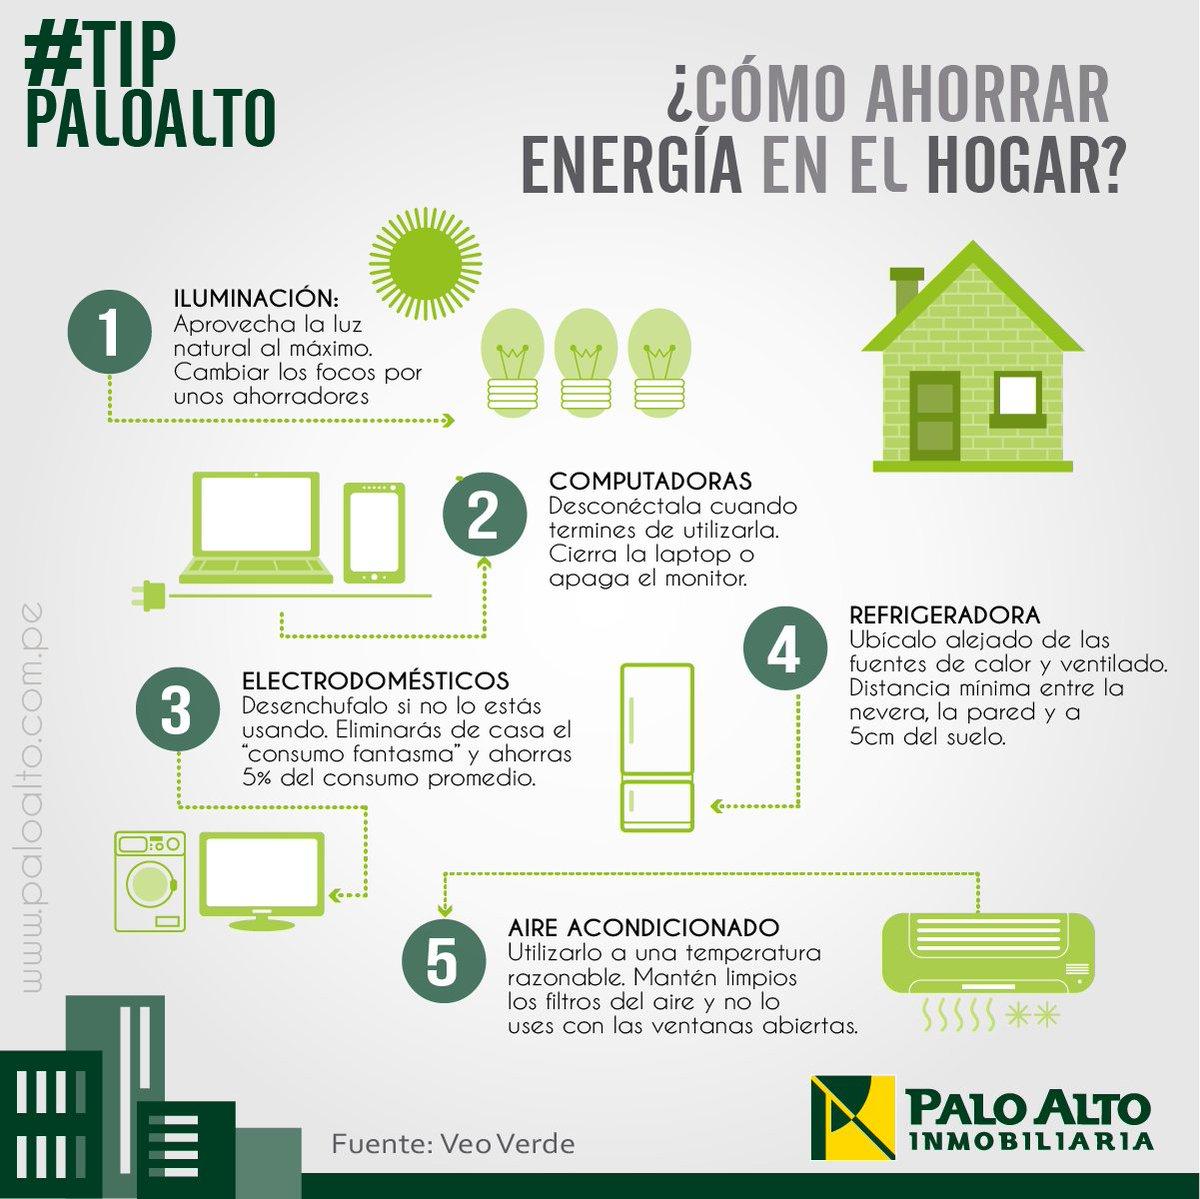 Como ahorrar luz electrica en casa describe the image for Ahorrar calefaccion electrica